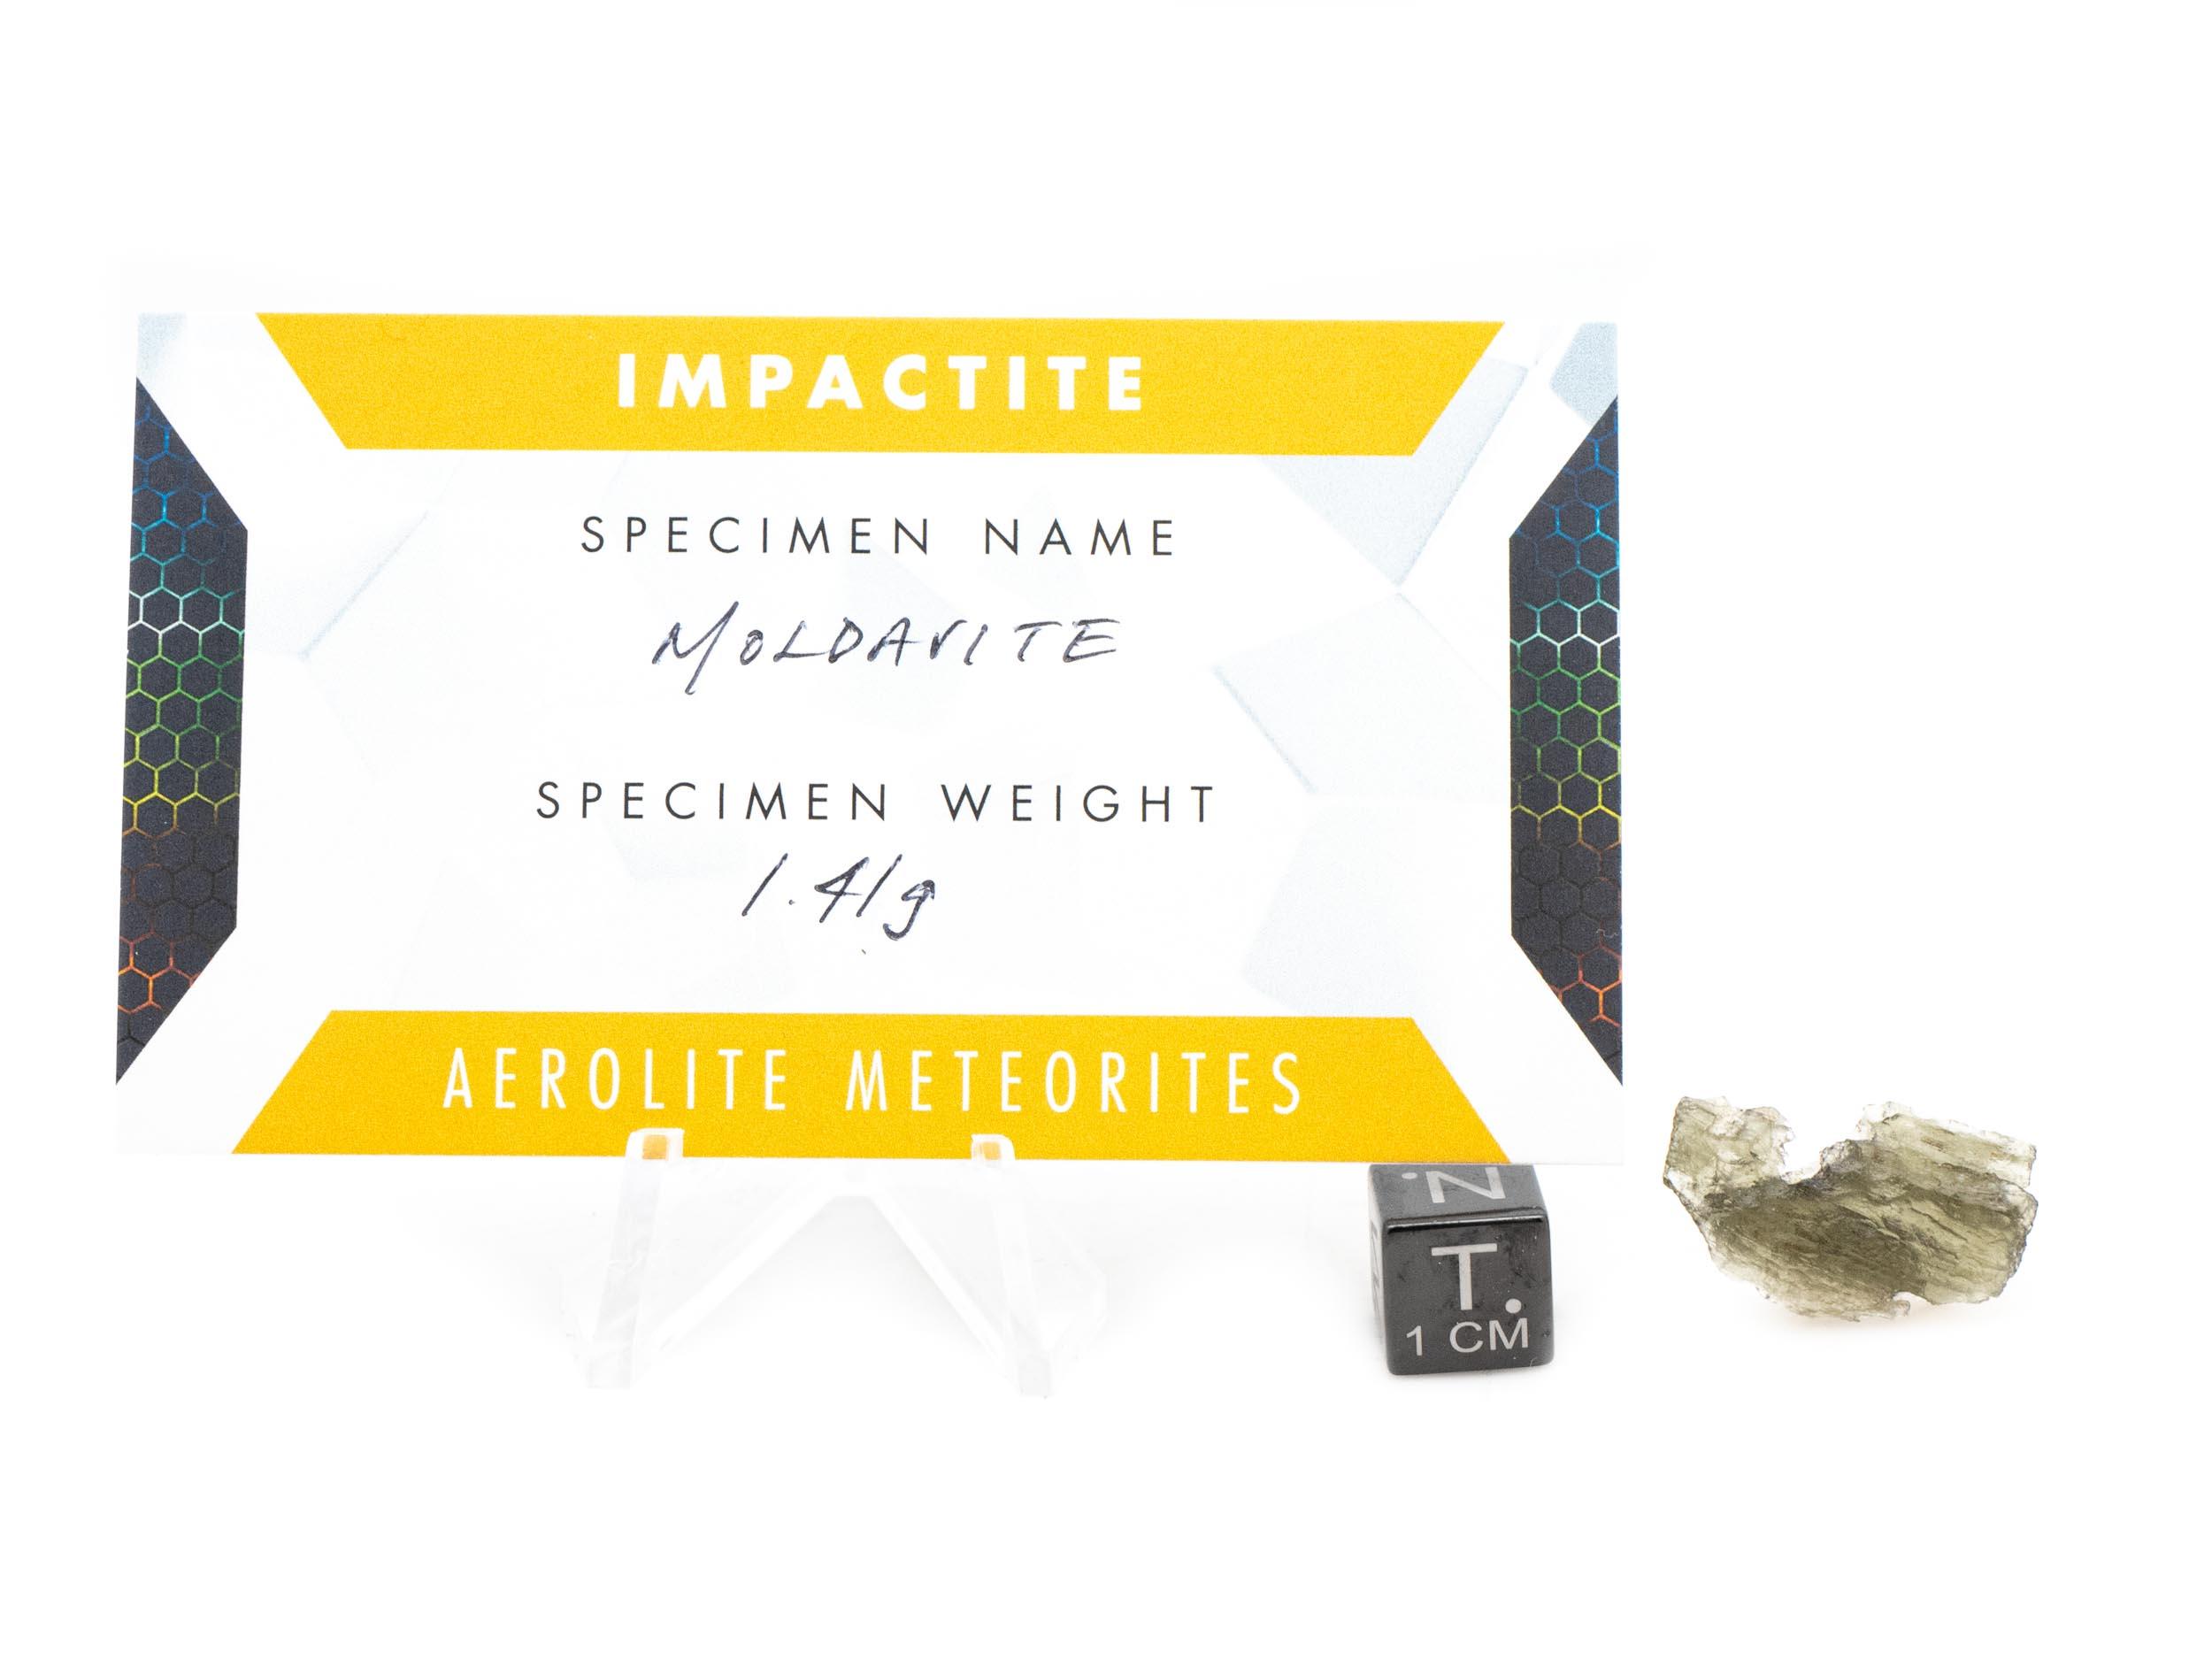 moldavite 1 41 2